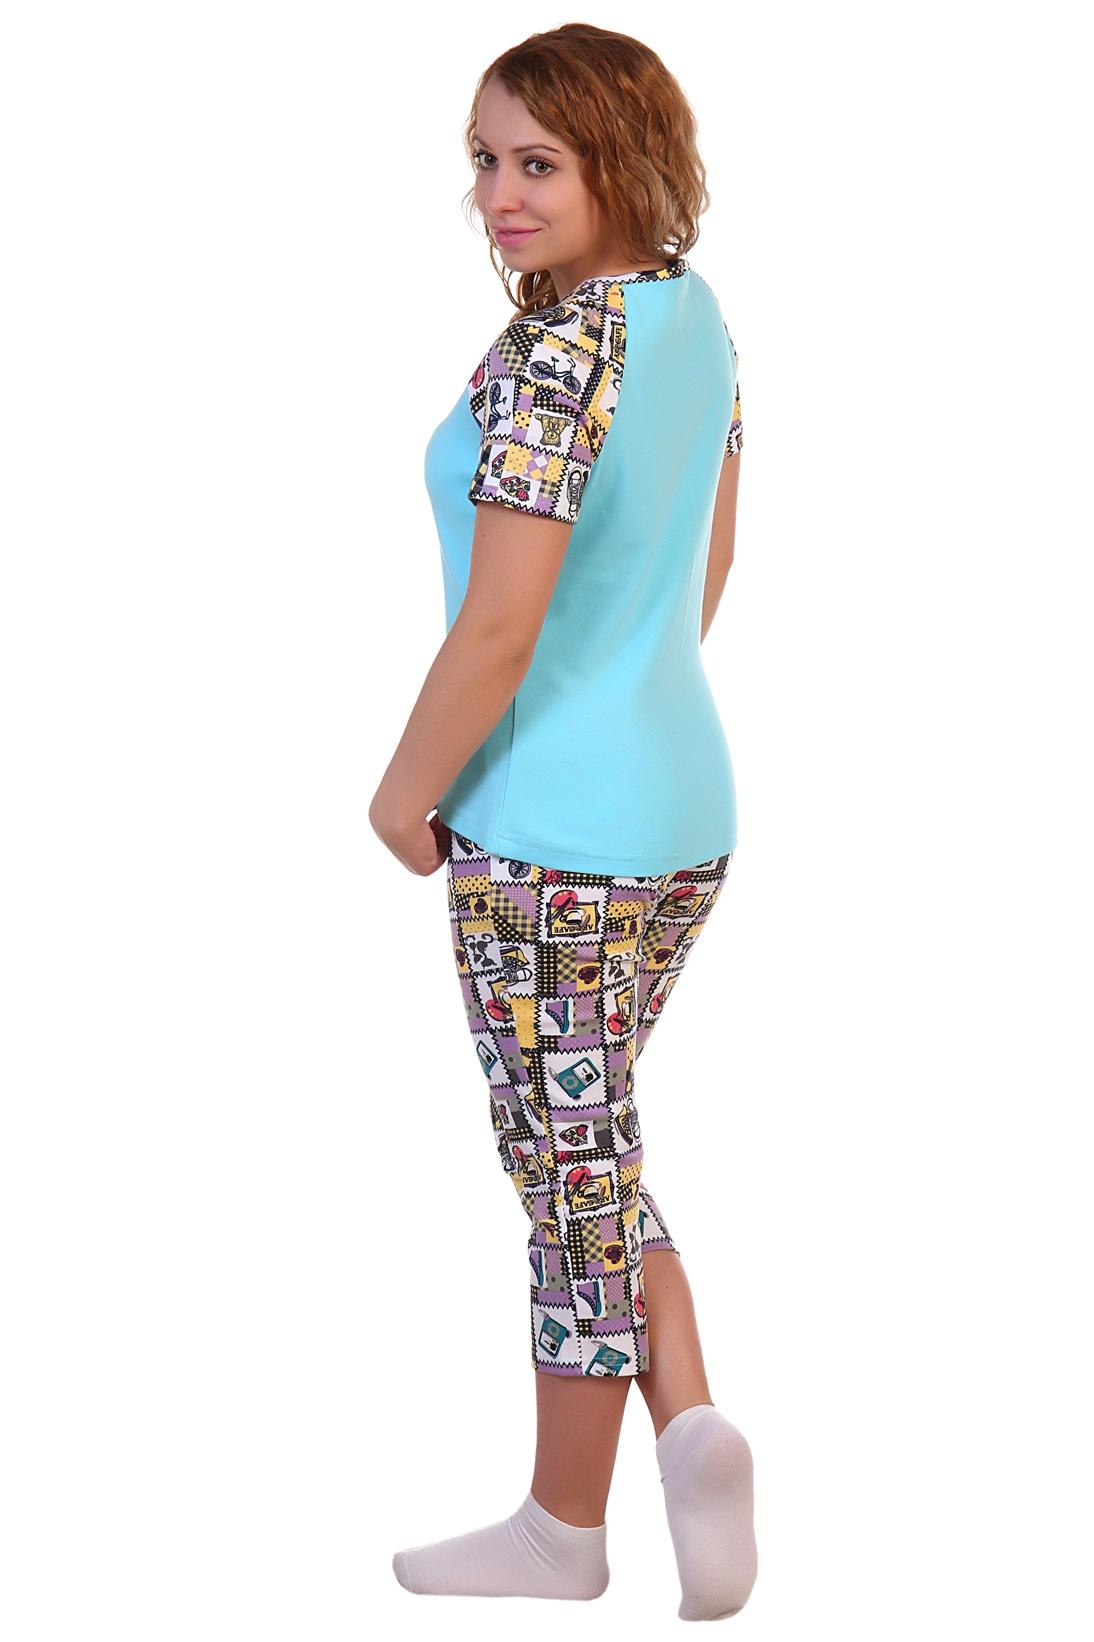 Жен. костюм арт. 16-0246 светло-бирюзовый р. 46